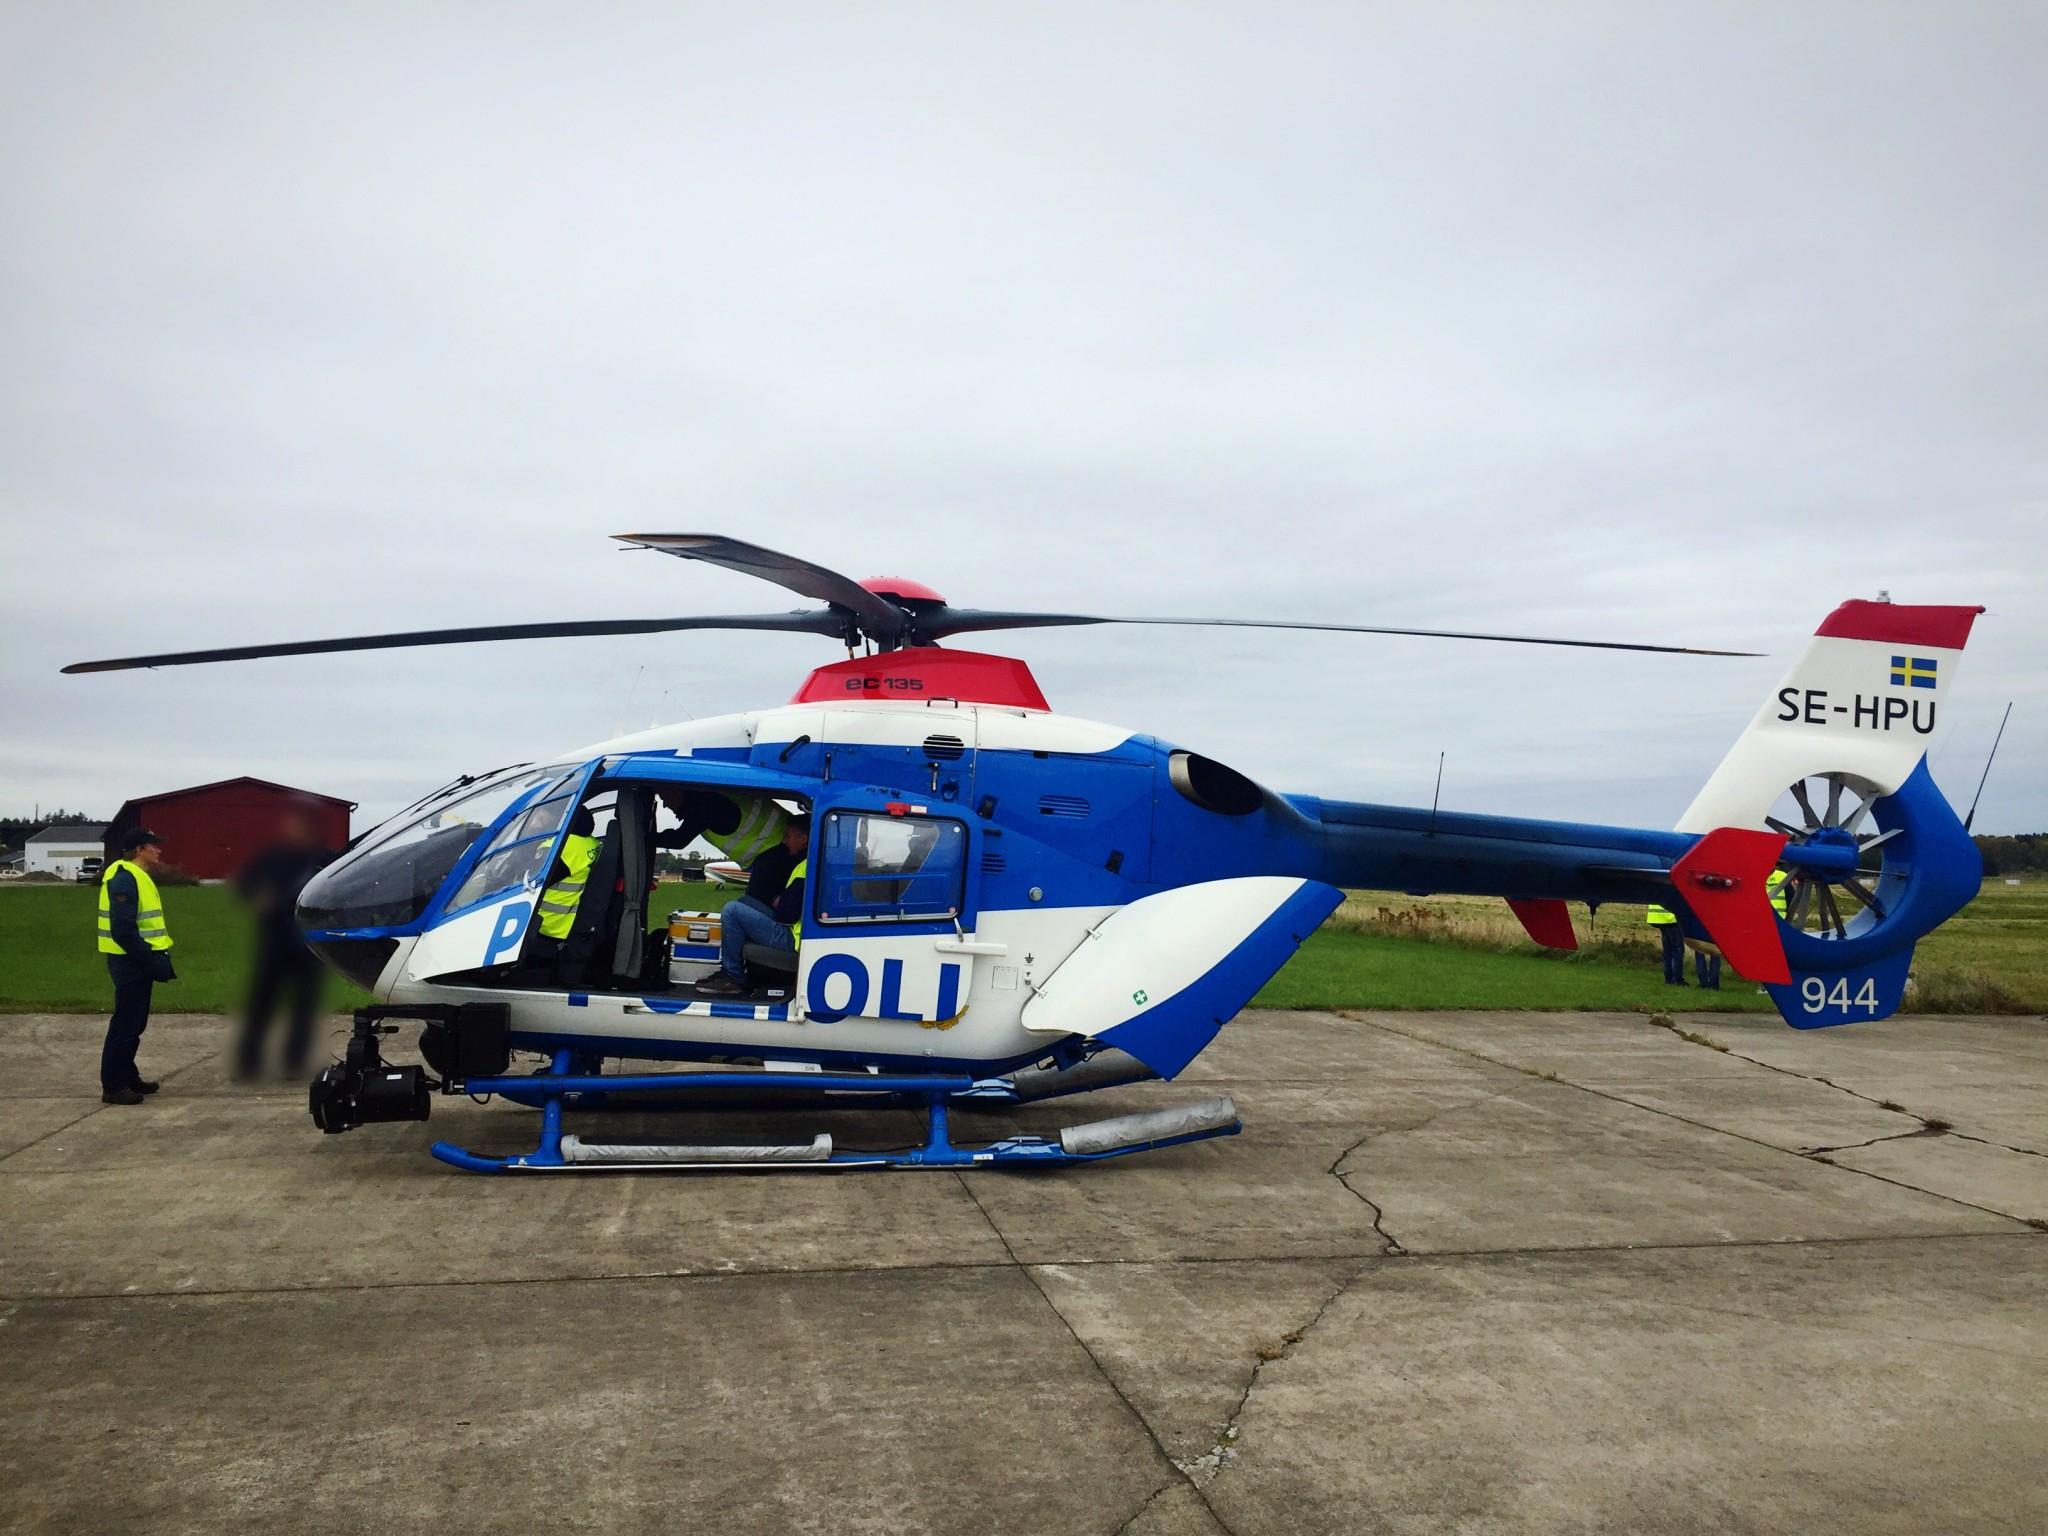 Polisens Helikopter besökte Hässlö.  Foto: Daniël van Berlo